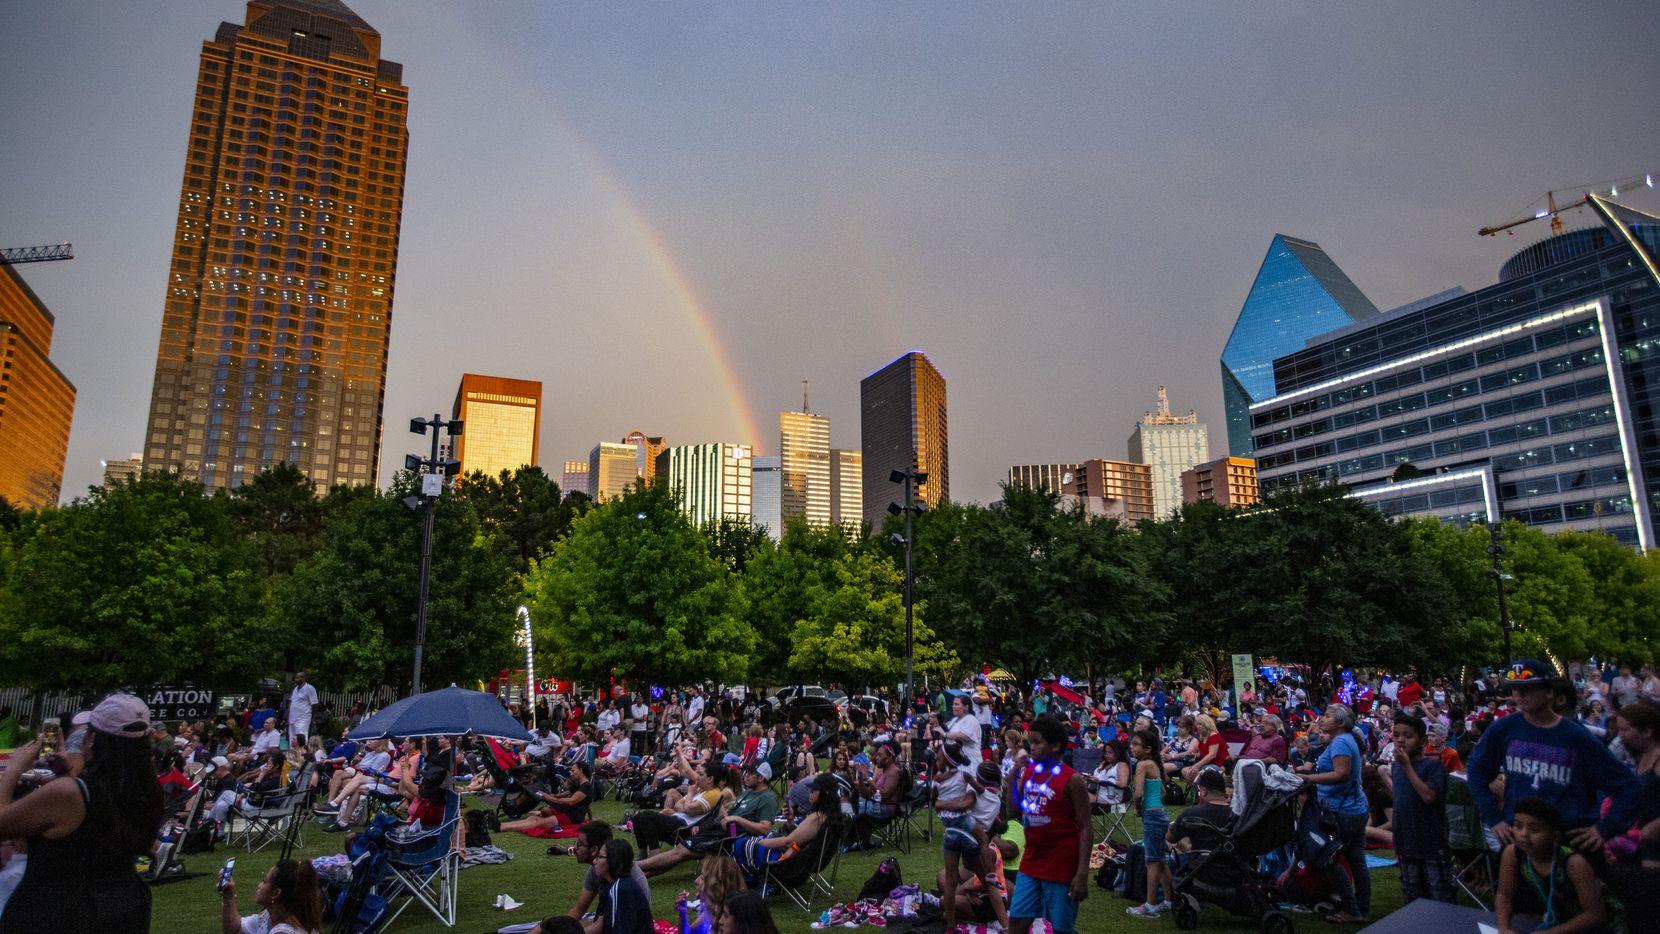 Este sábado 7 de septiembre, de 5 a 7 p.m. habrá noche de poesía en el parque Klyde Warren de Dallas.